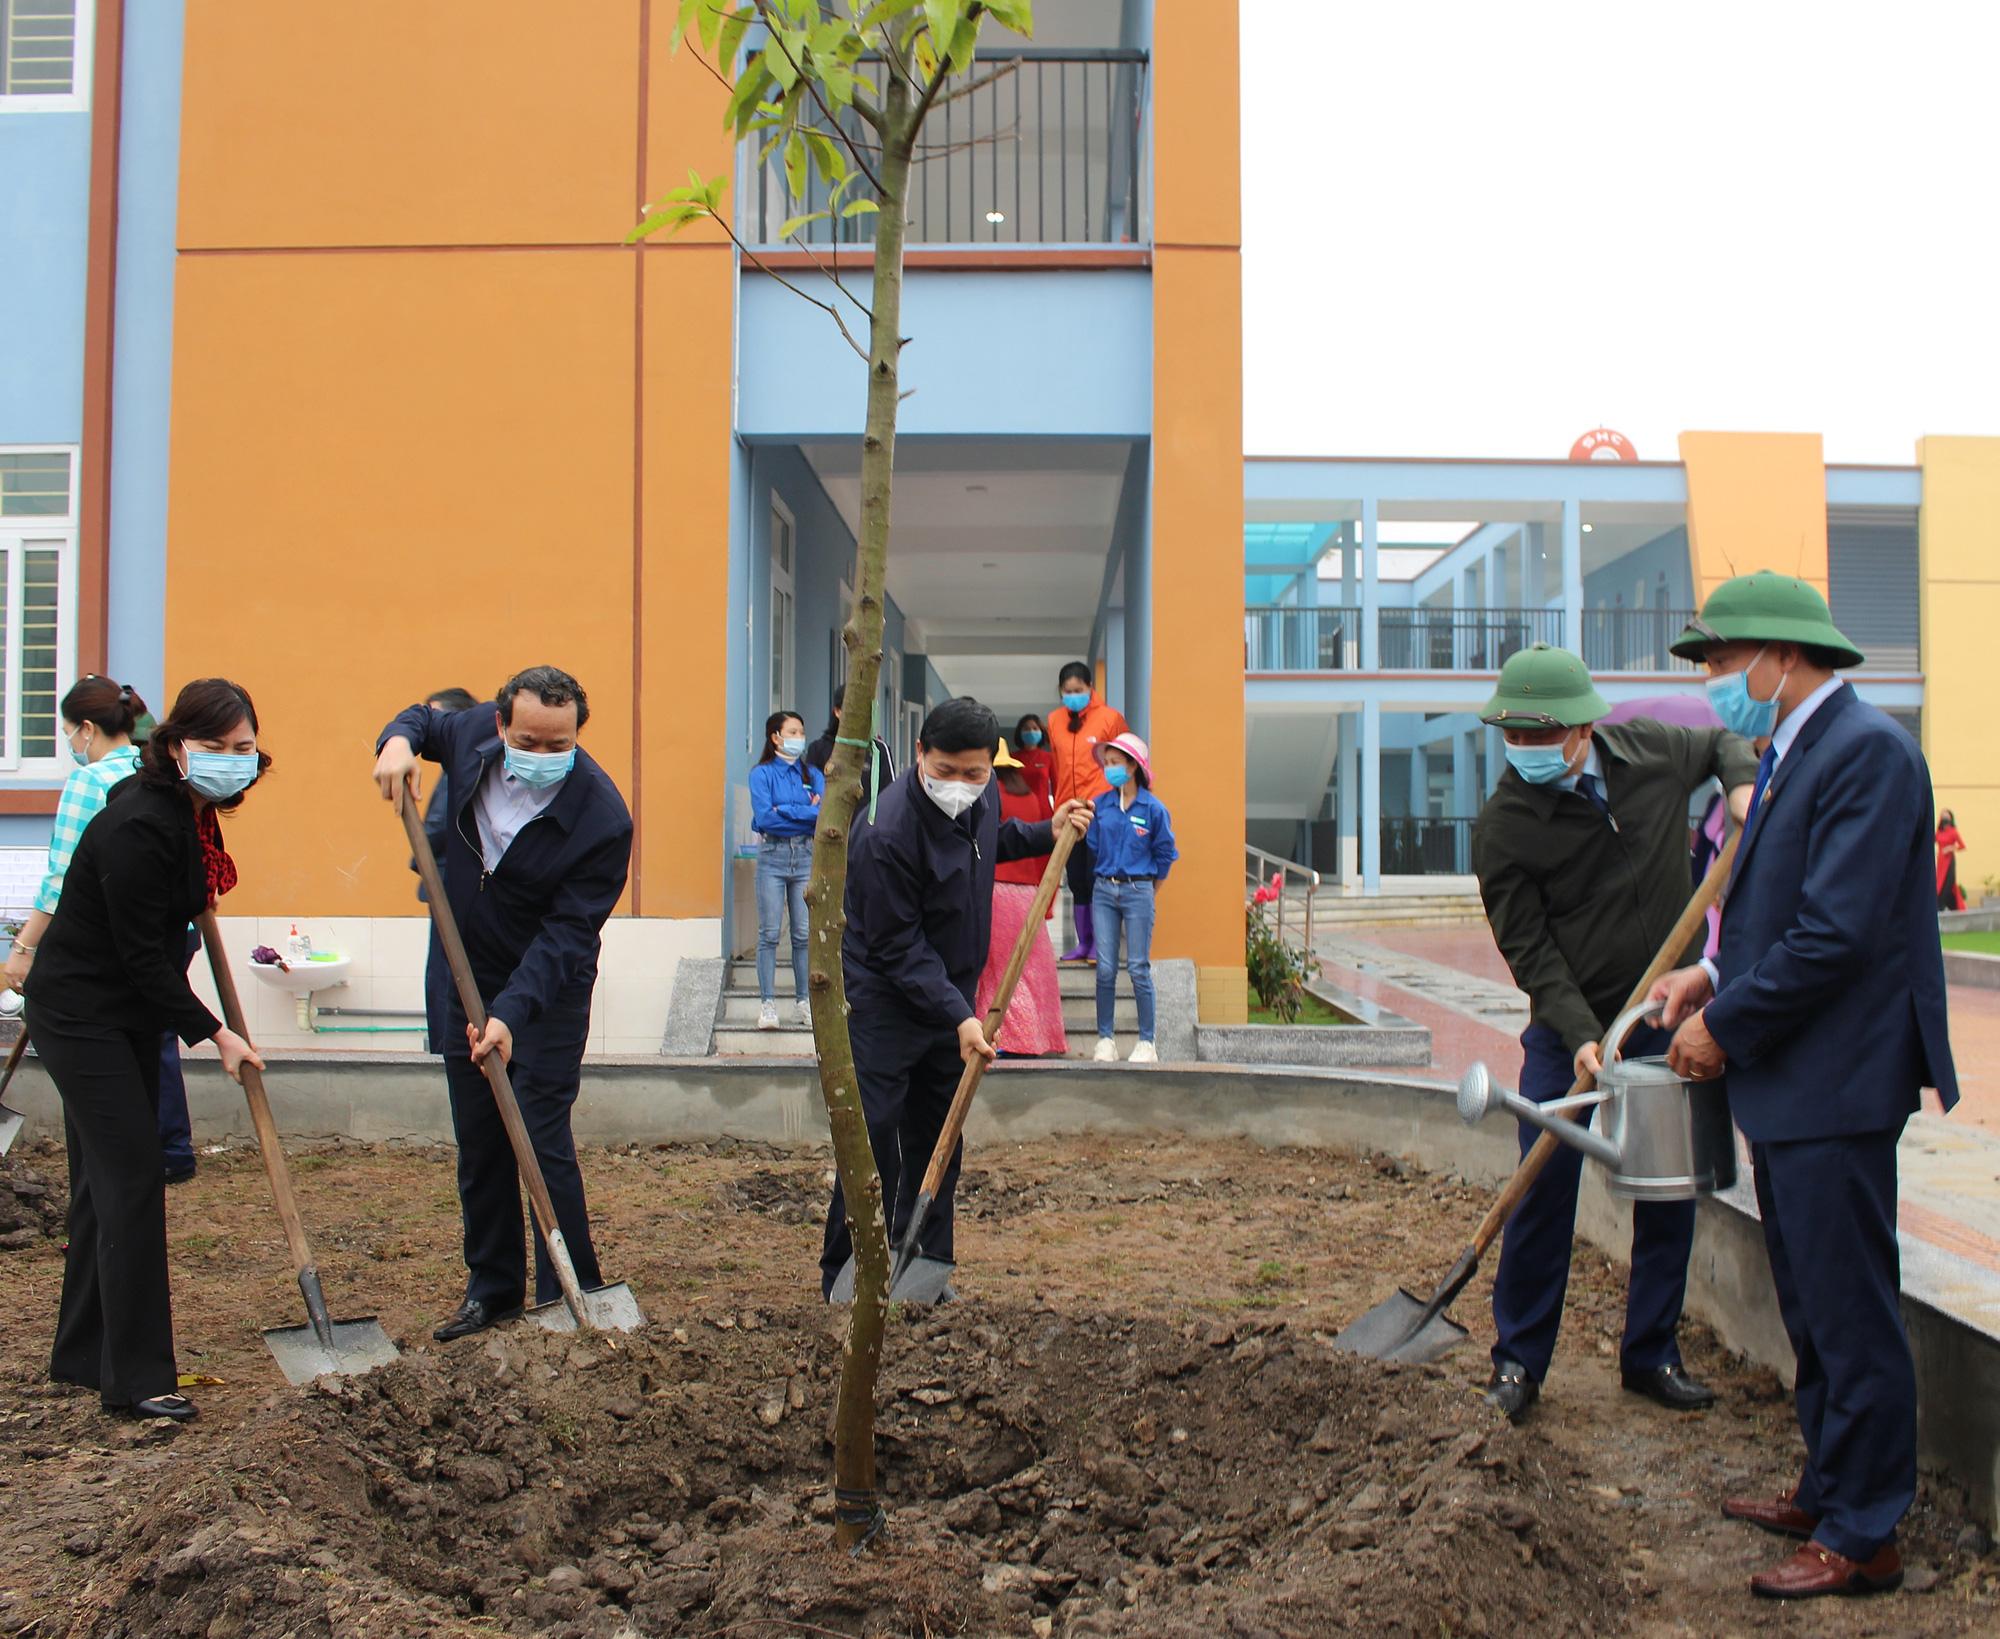 Hội Nông dân tỉnh Bắc Ninh trồng 50.000 cây xanh - Ảnh 1.